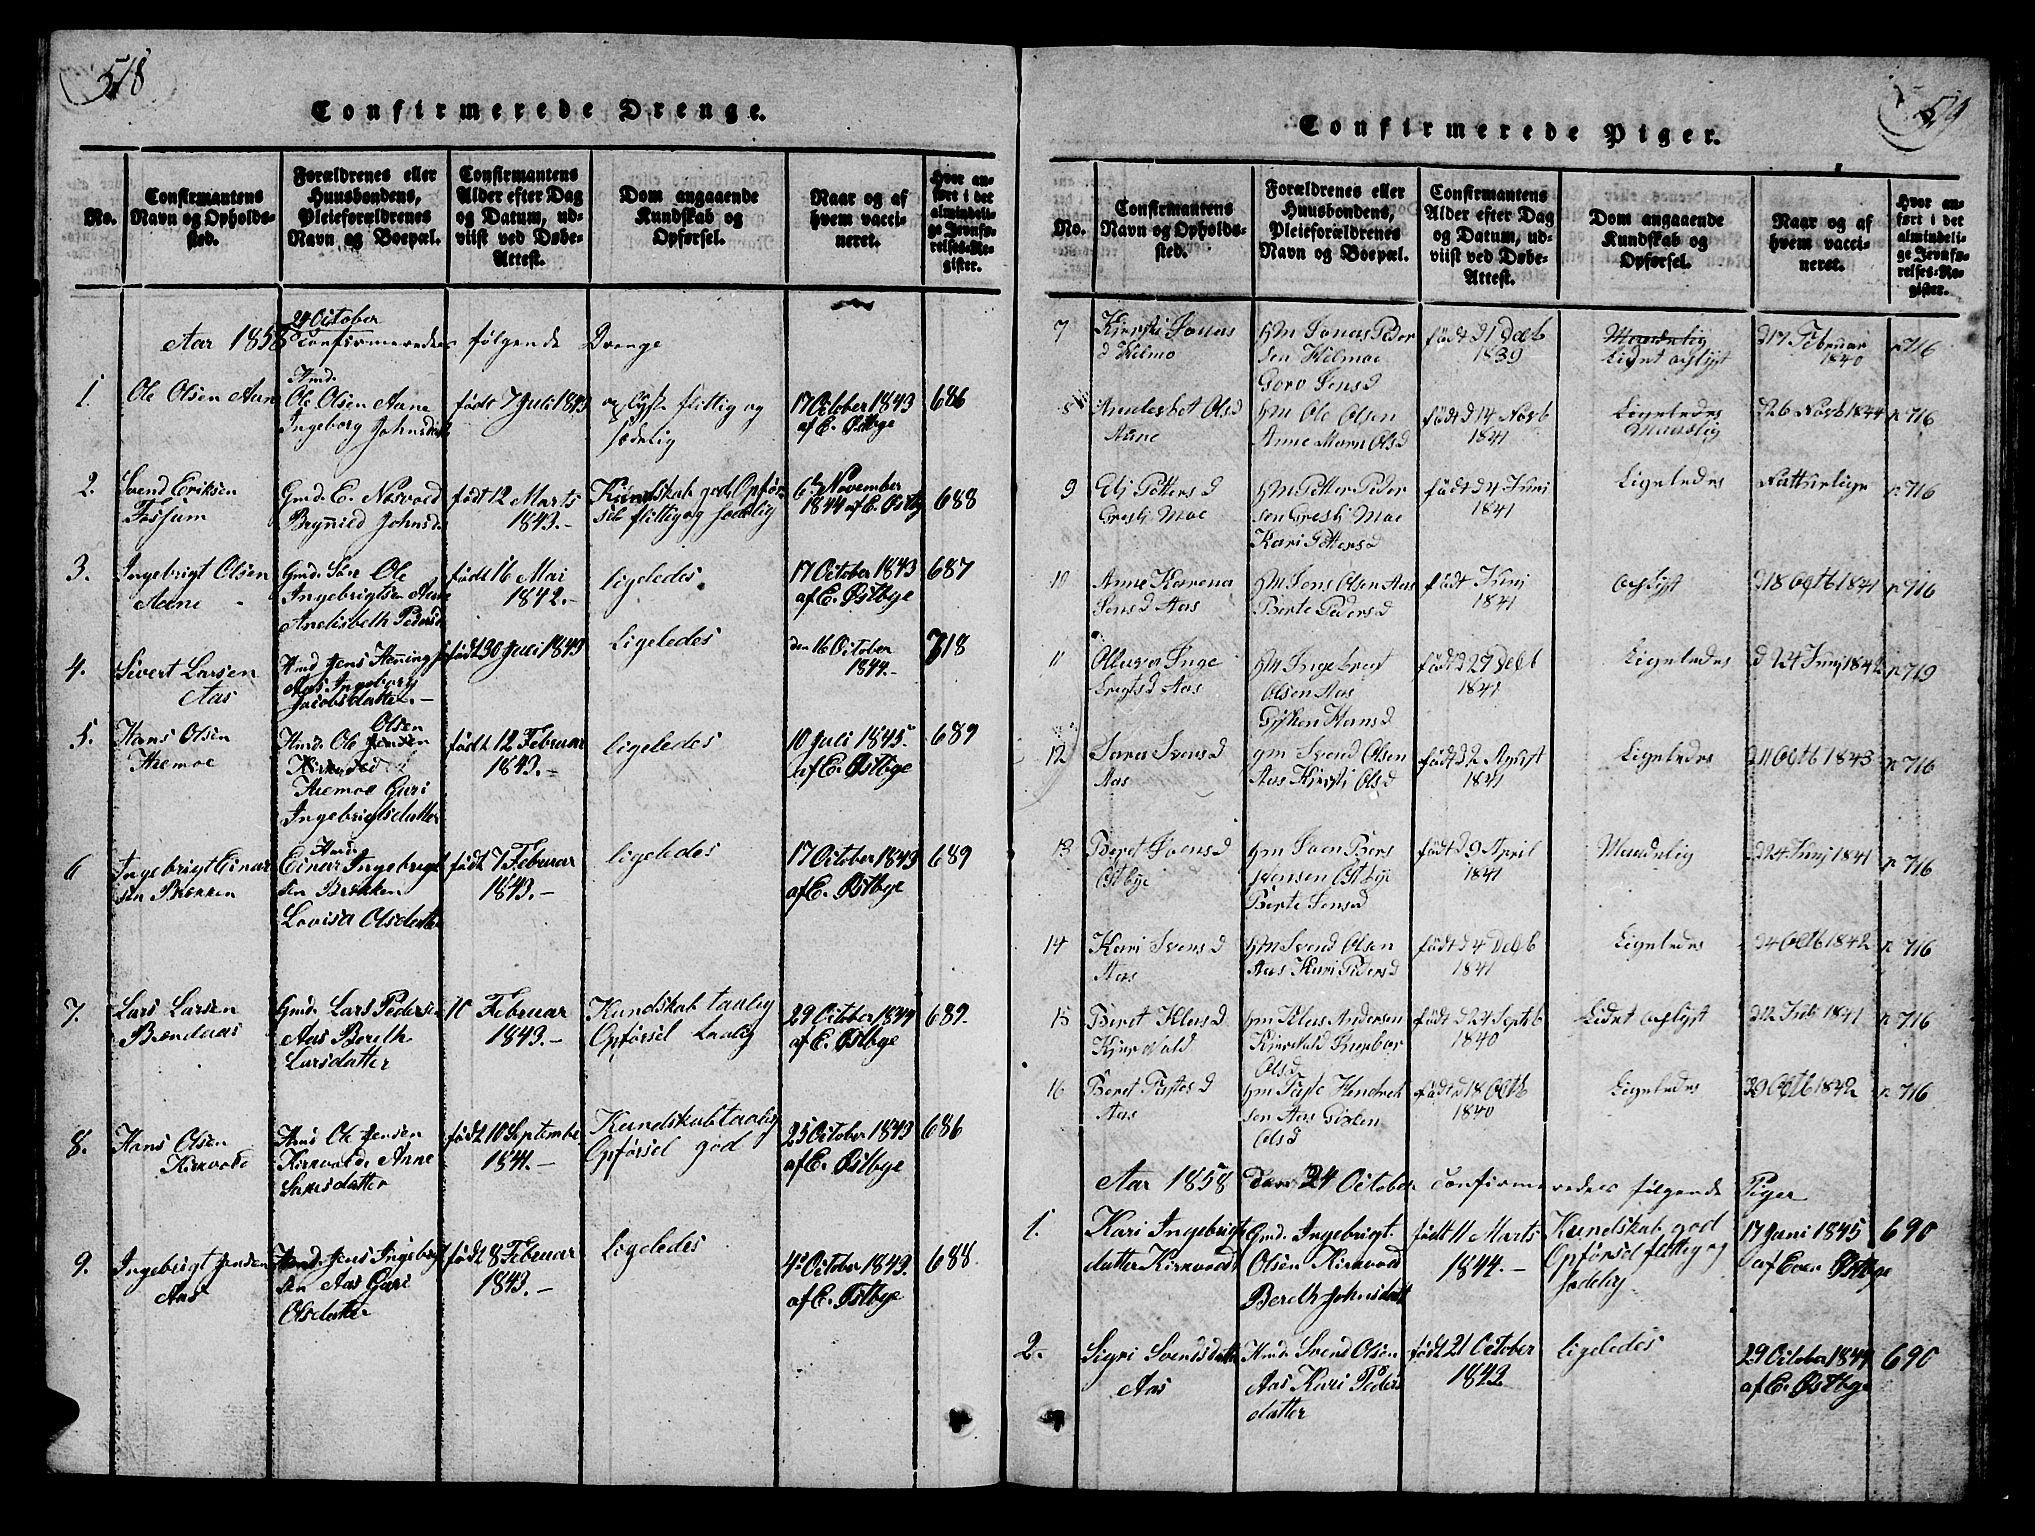 SAT, Ministerialprotokoller, klokkerbøker og fødselsregistre - Sør-Trøndelag, 698/L1164: Klokkerbok nr. 698C01, 1816-1861, s. 518-519